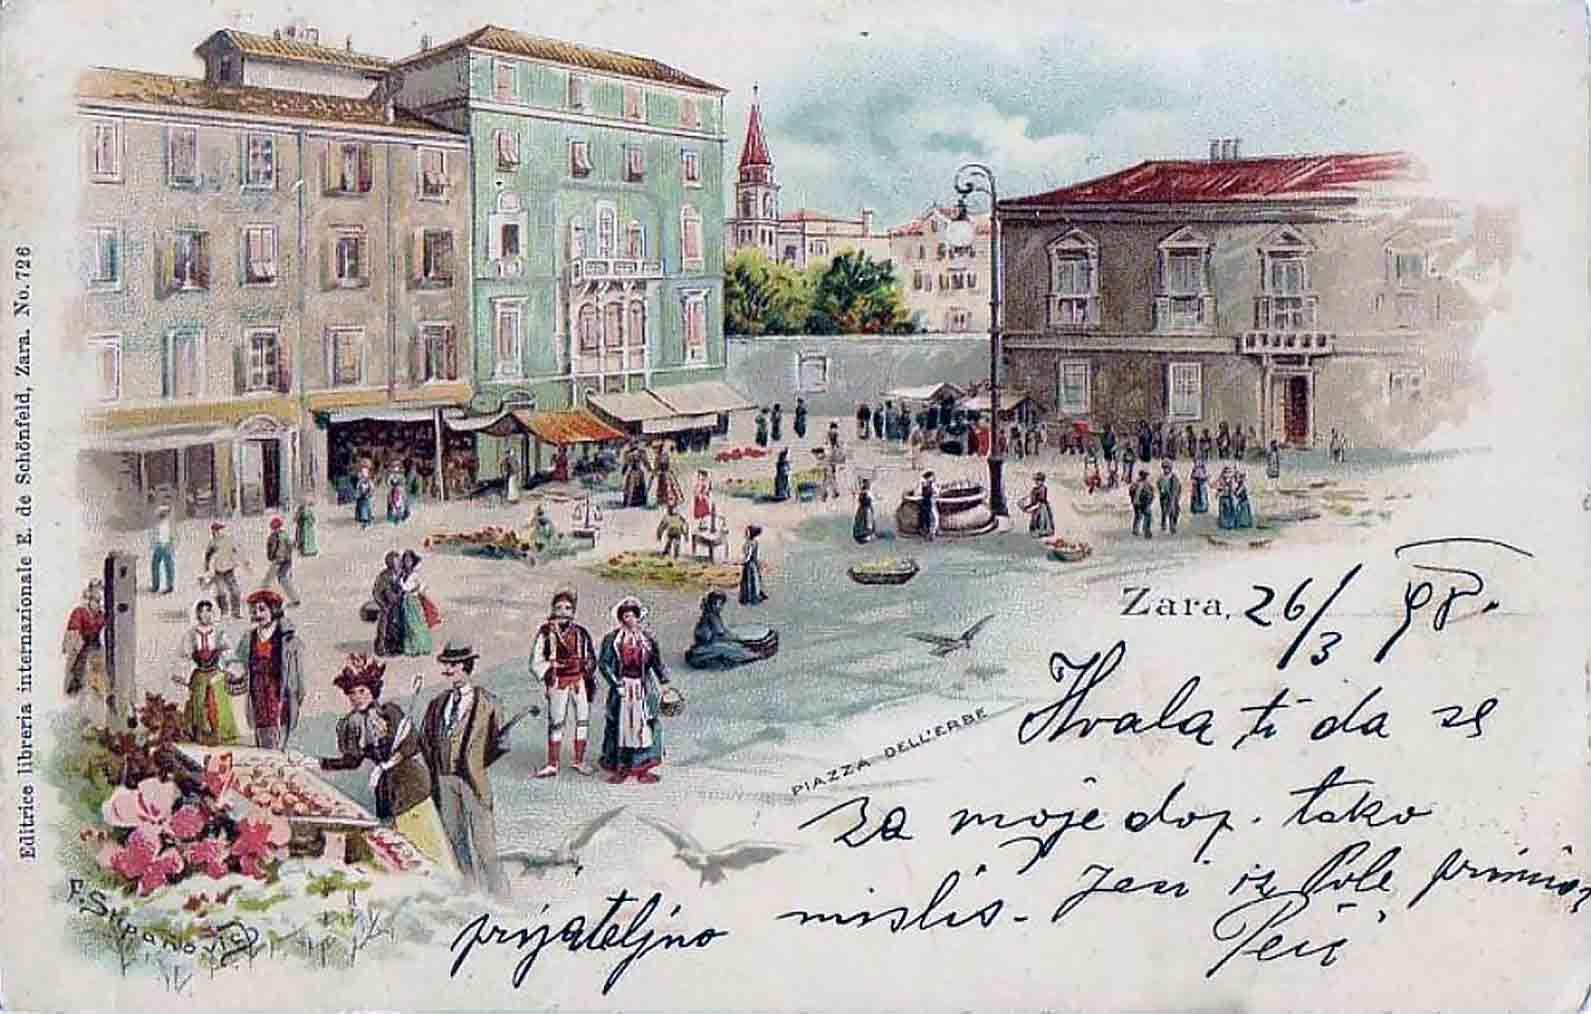 Piazza dell'Erbe Zadar 1908